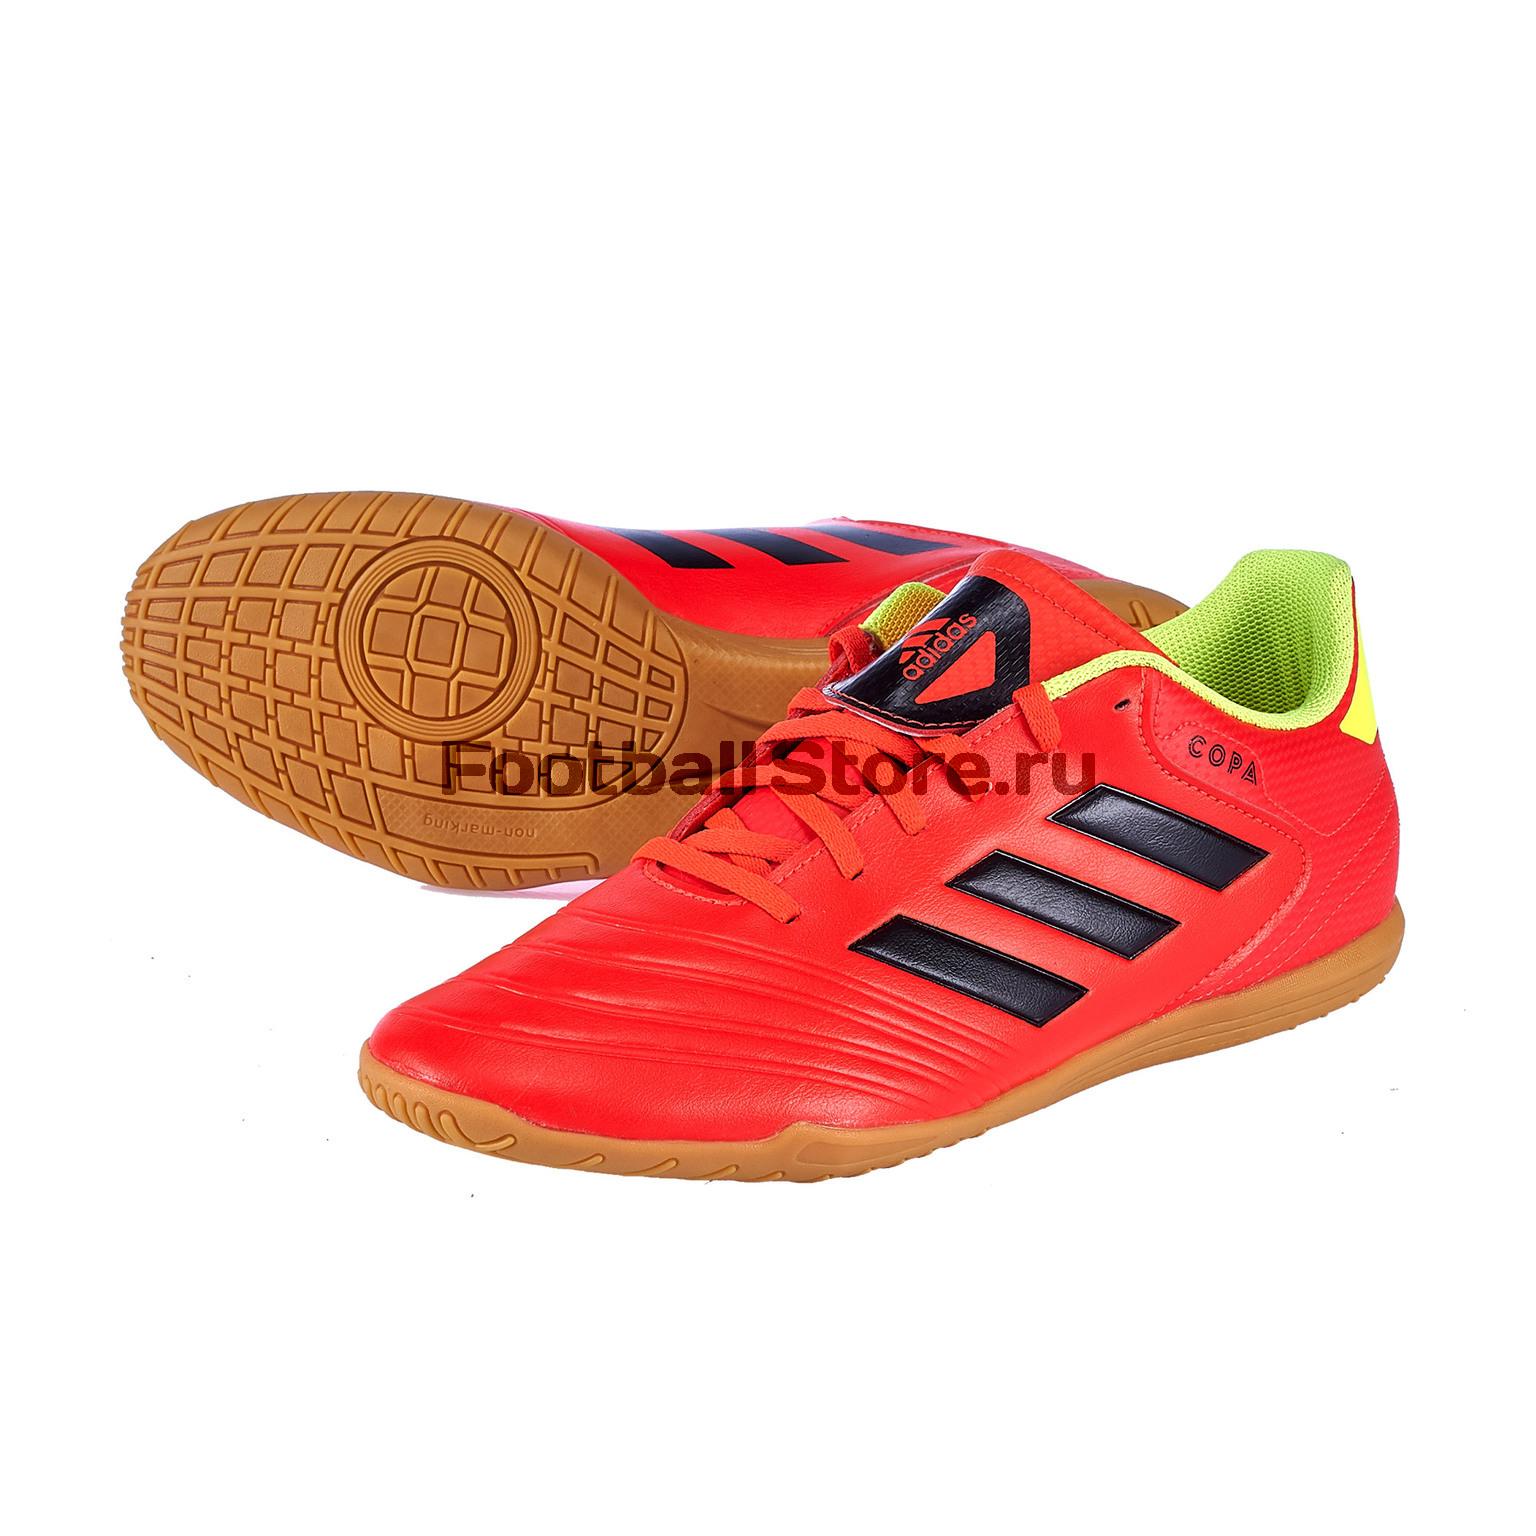 Обувь для зала Adidas Copa Tango 18.4 IN DB2447 цена